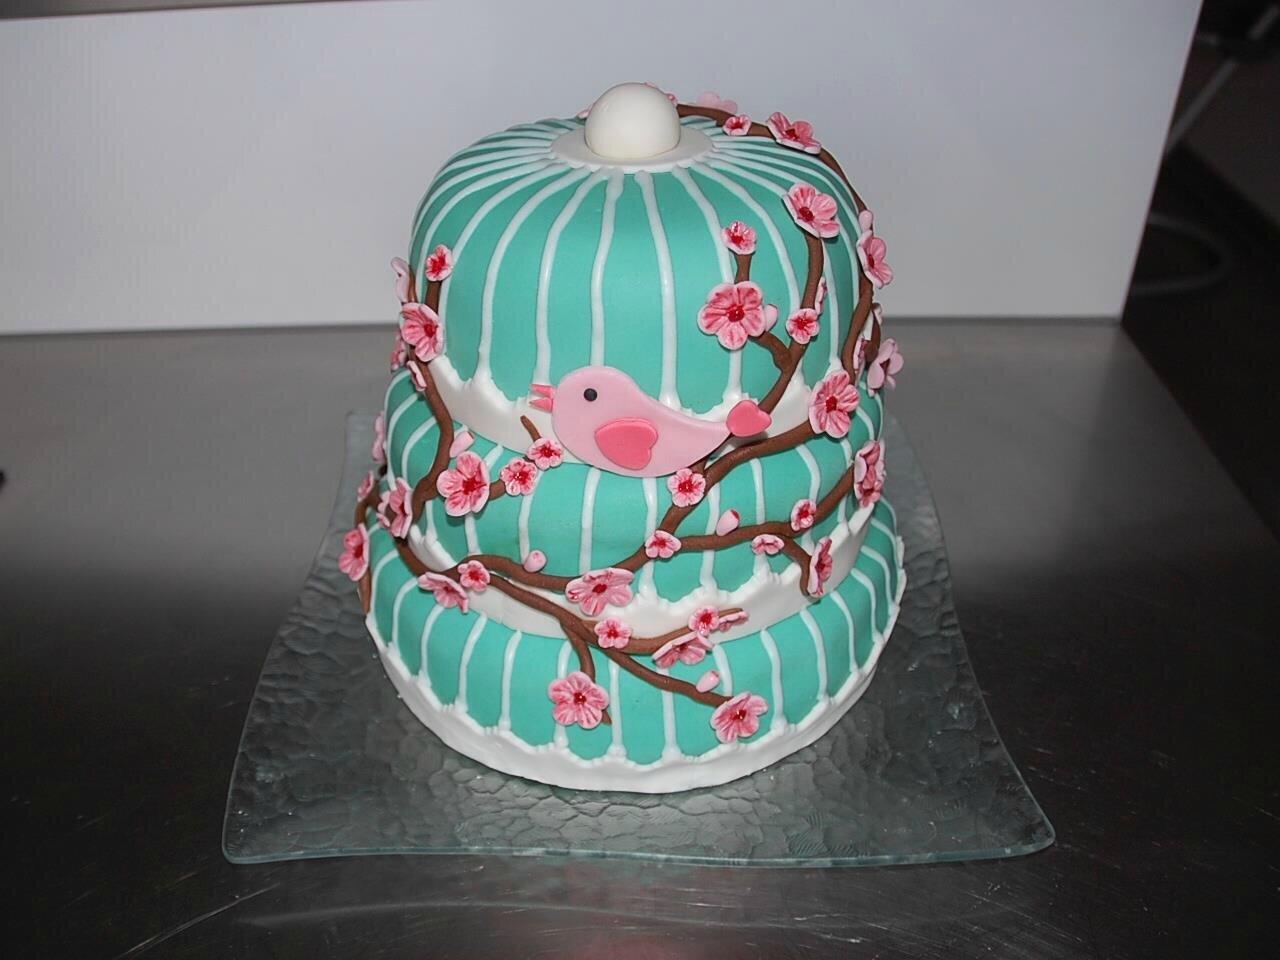 Le gâteau d'anniversaire des un an de Petite fée